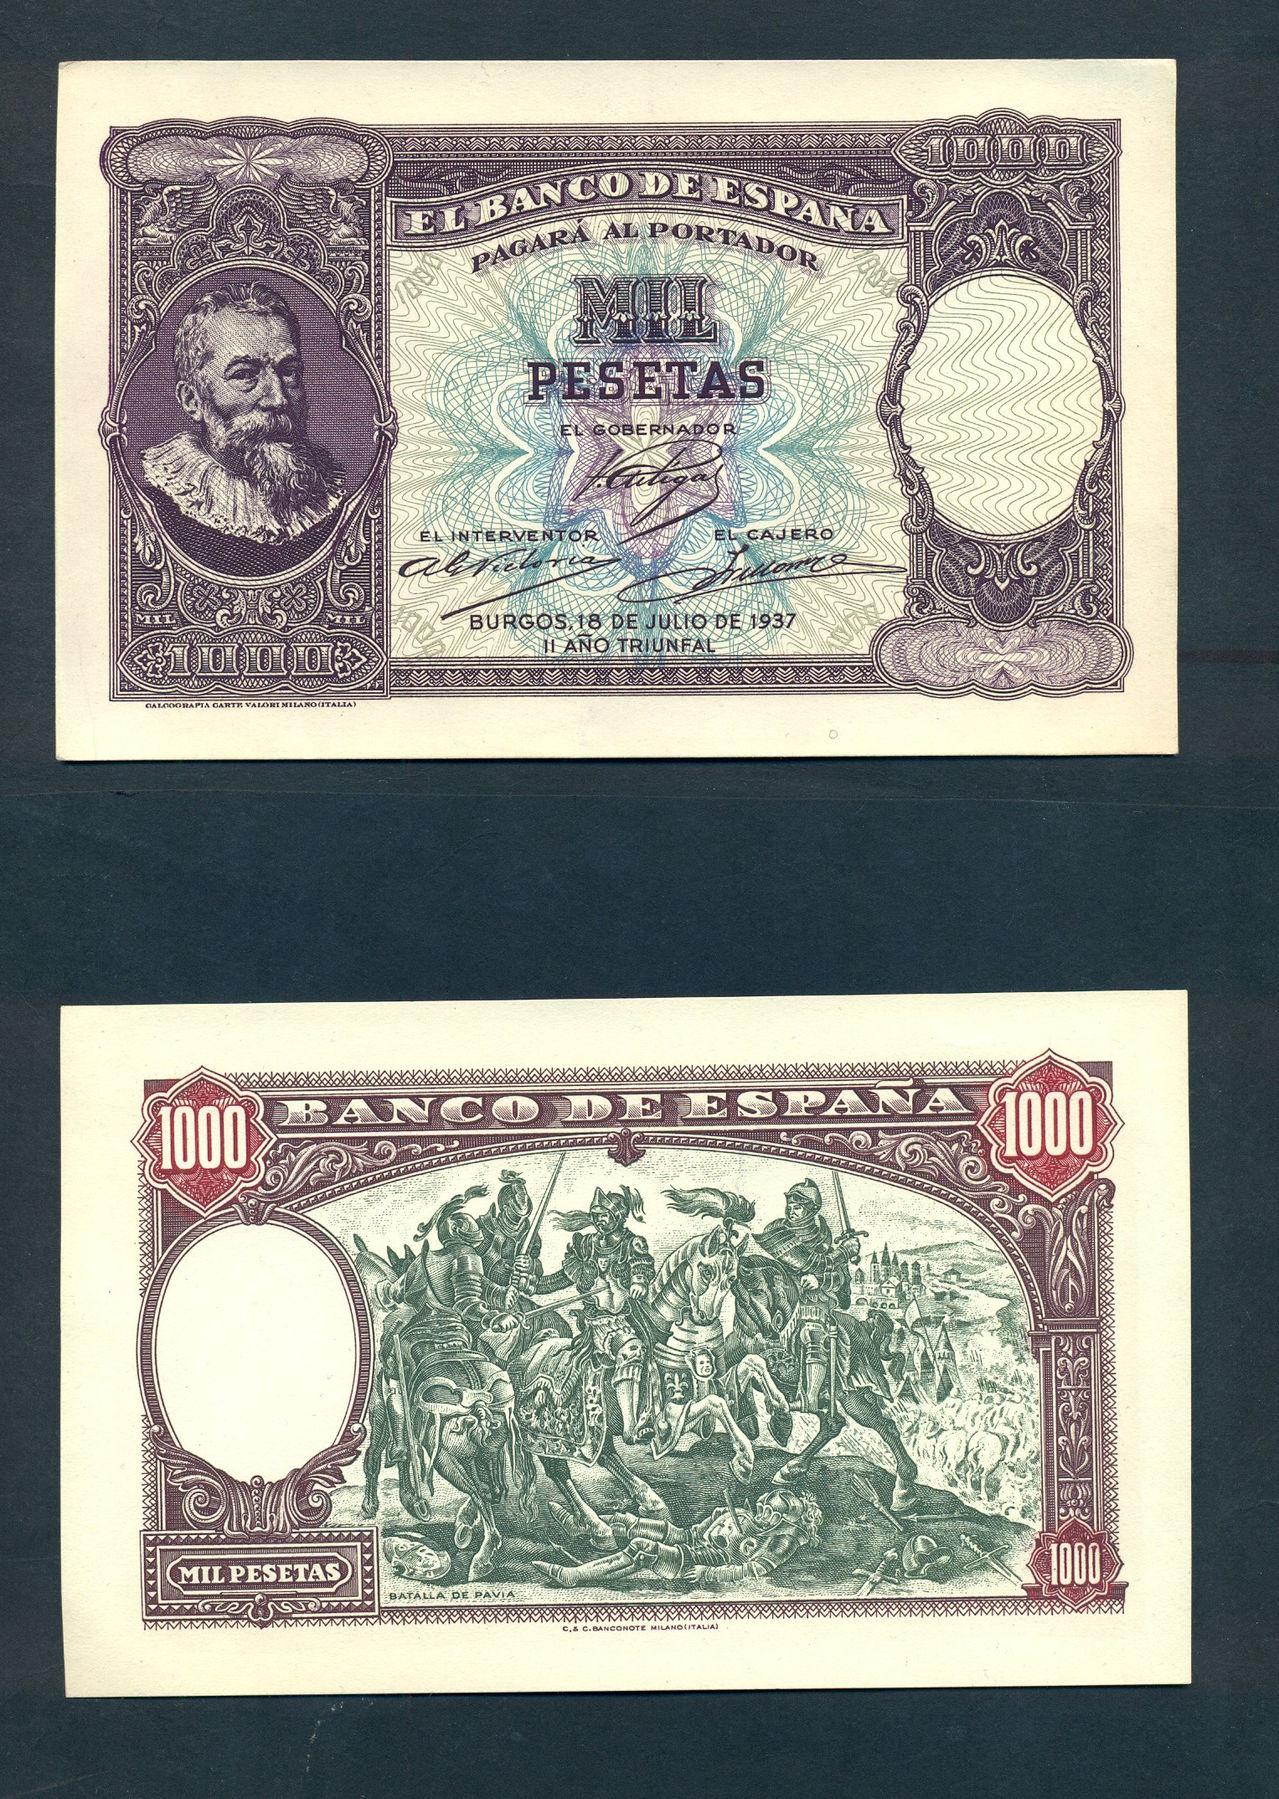 1000 pesetas  1937  (unica prueba conocida en este color) Scan_150350001